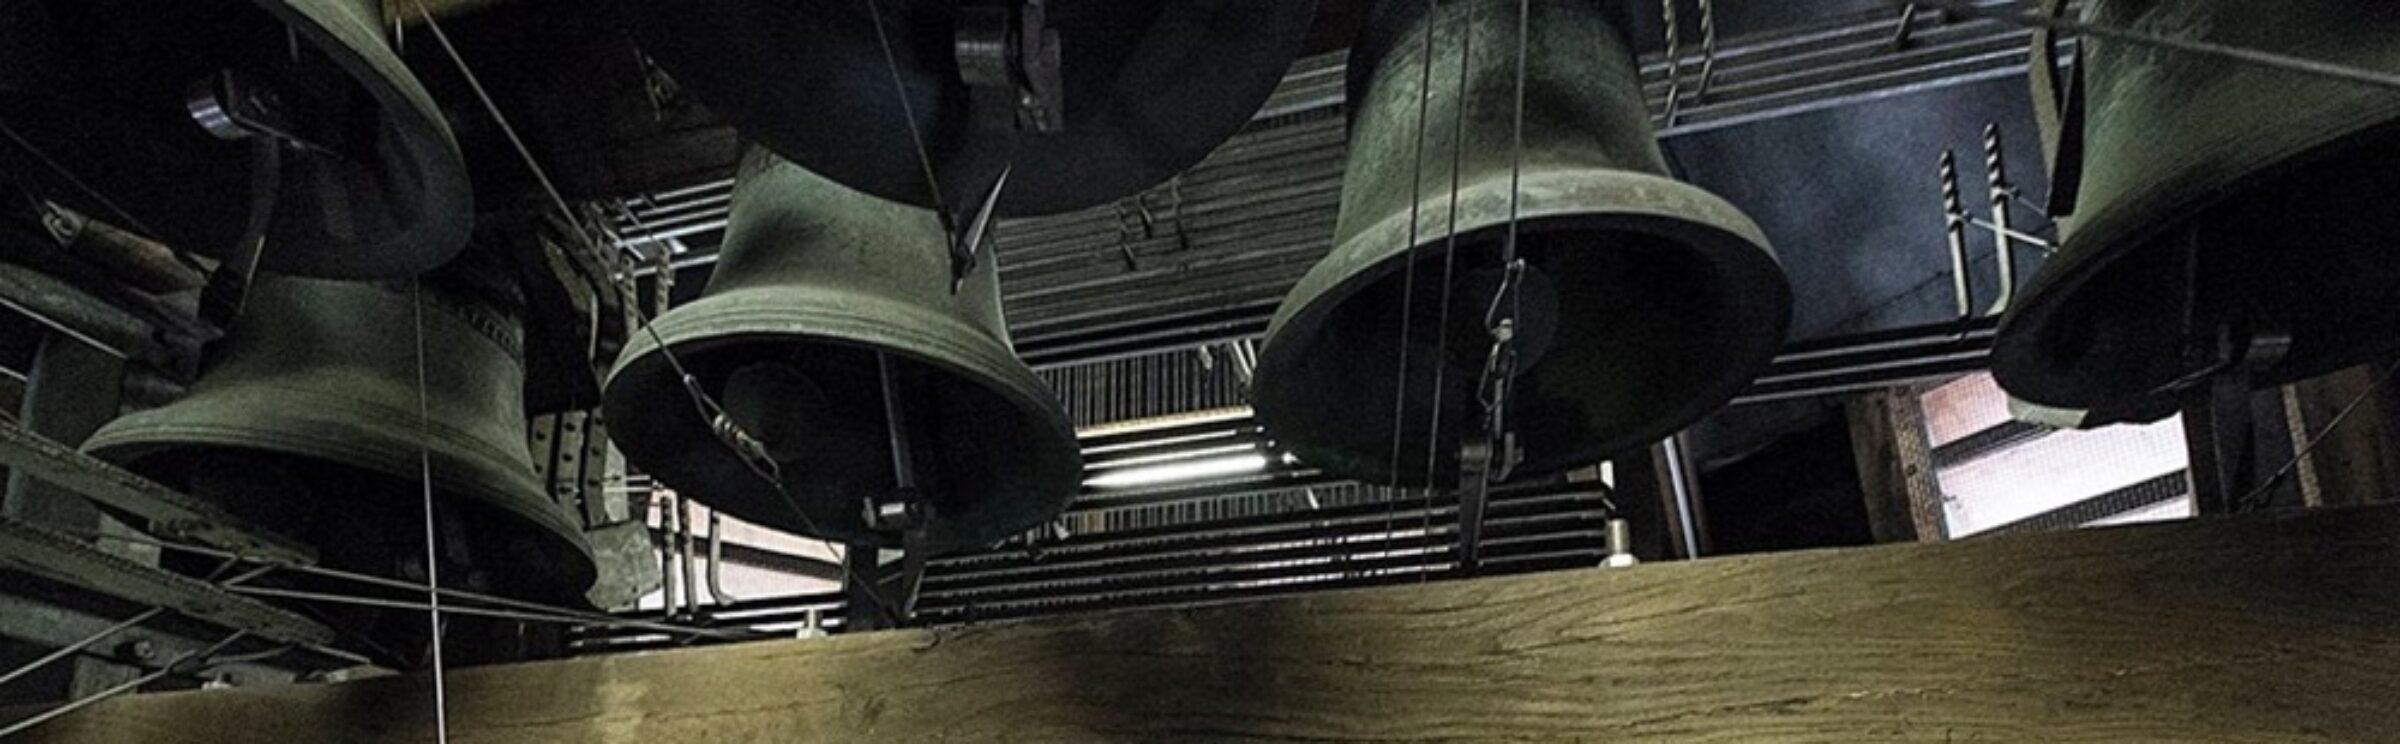 Stads Carillon Enschede